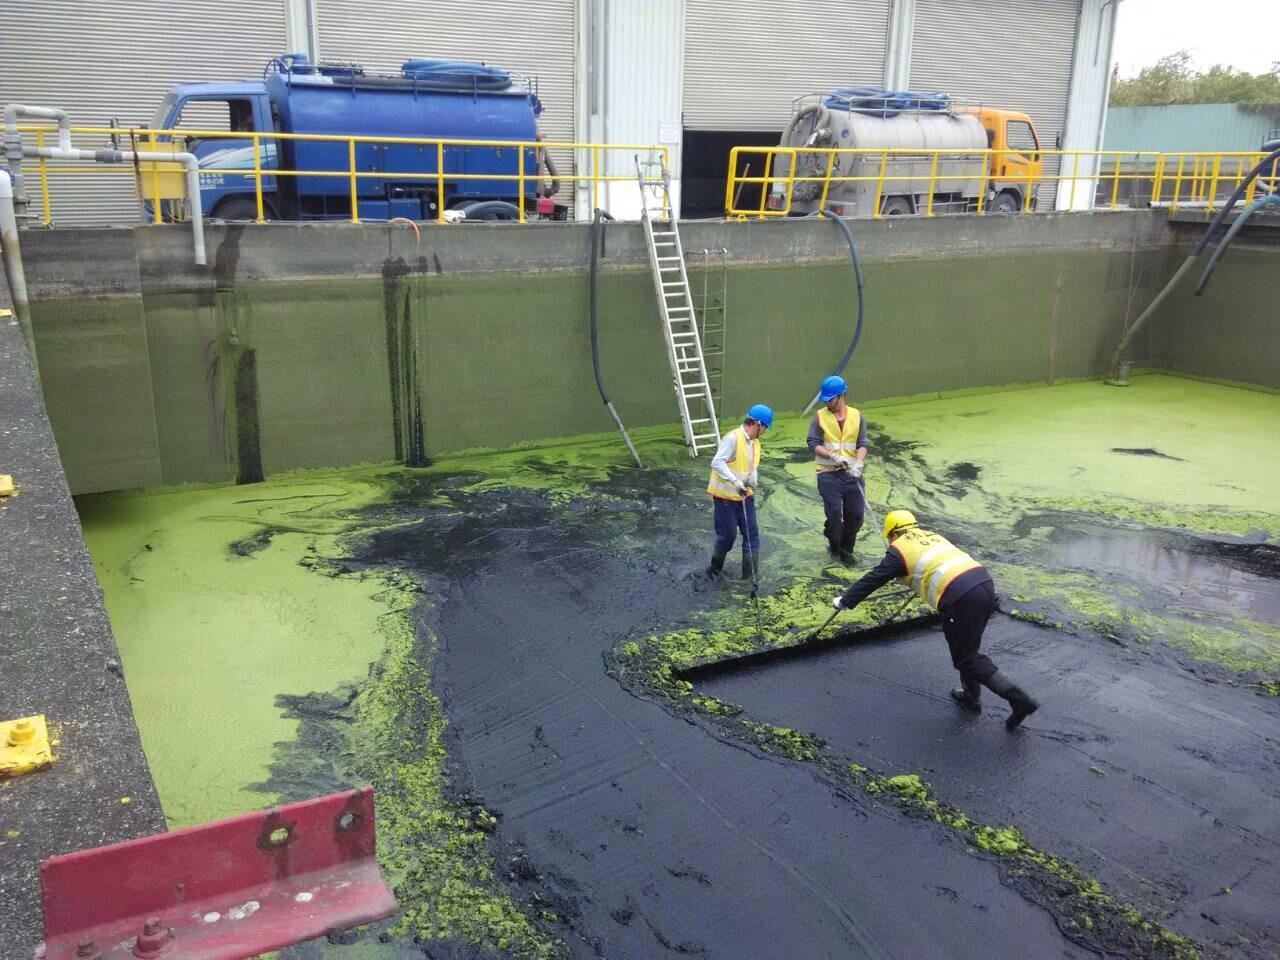 湖州市安吉县杭垓镇清理废油池费用多少